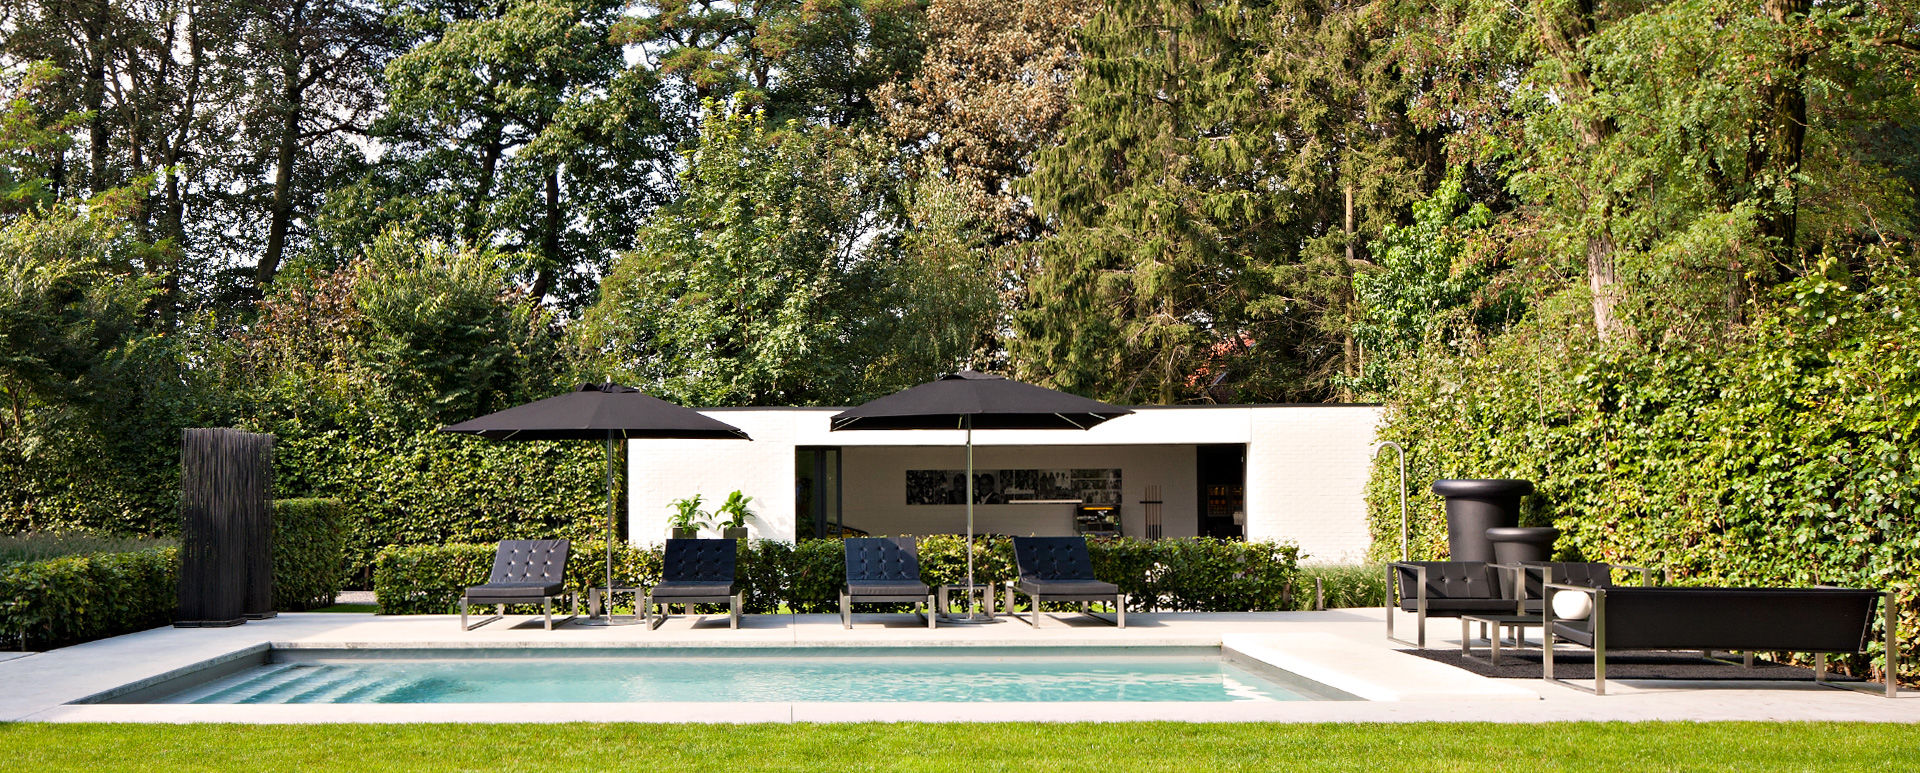 Gartenliege design  FueraDentro - Outdoor Design Furniture